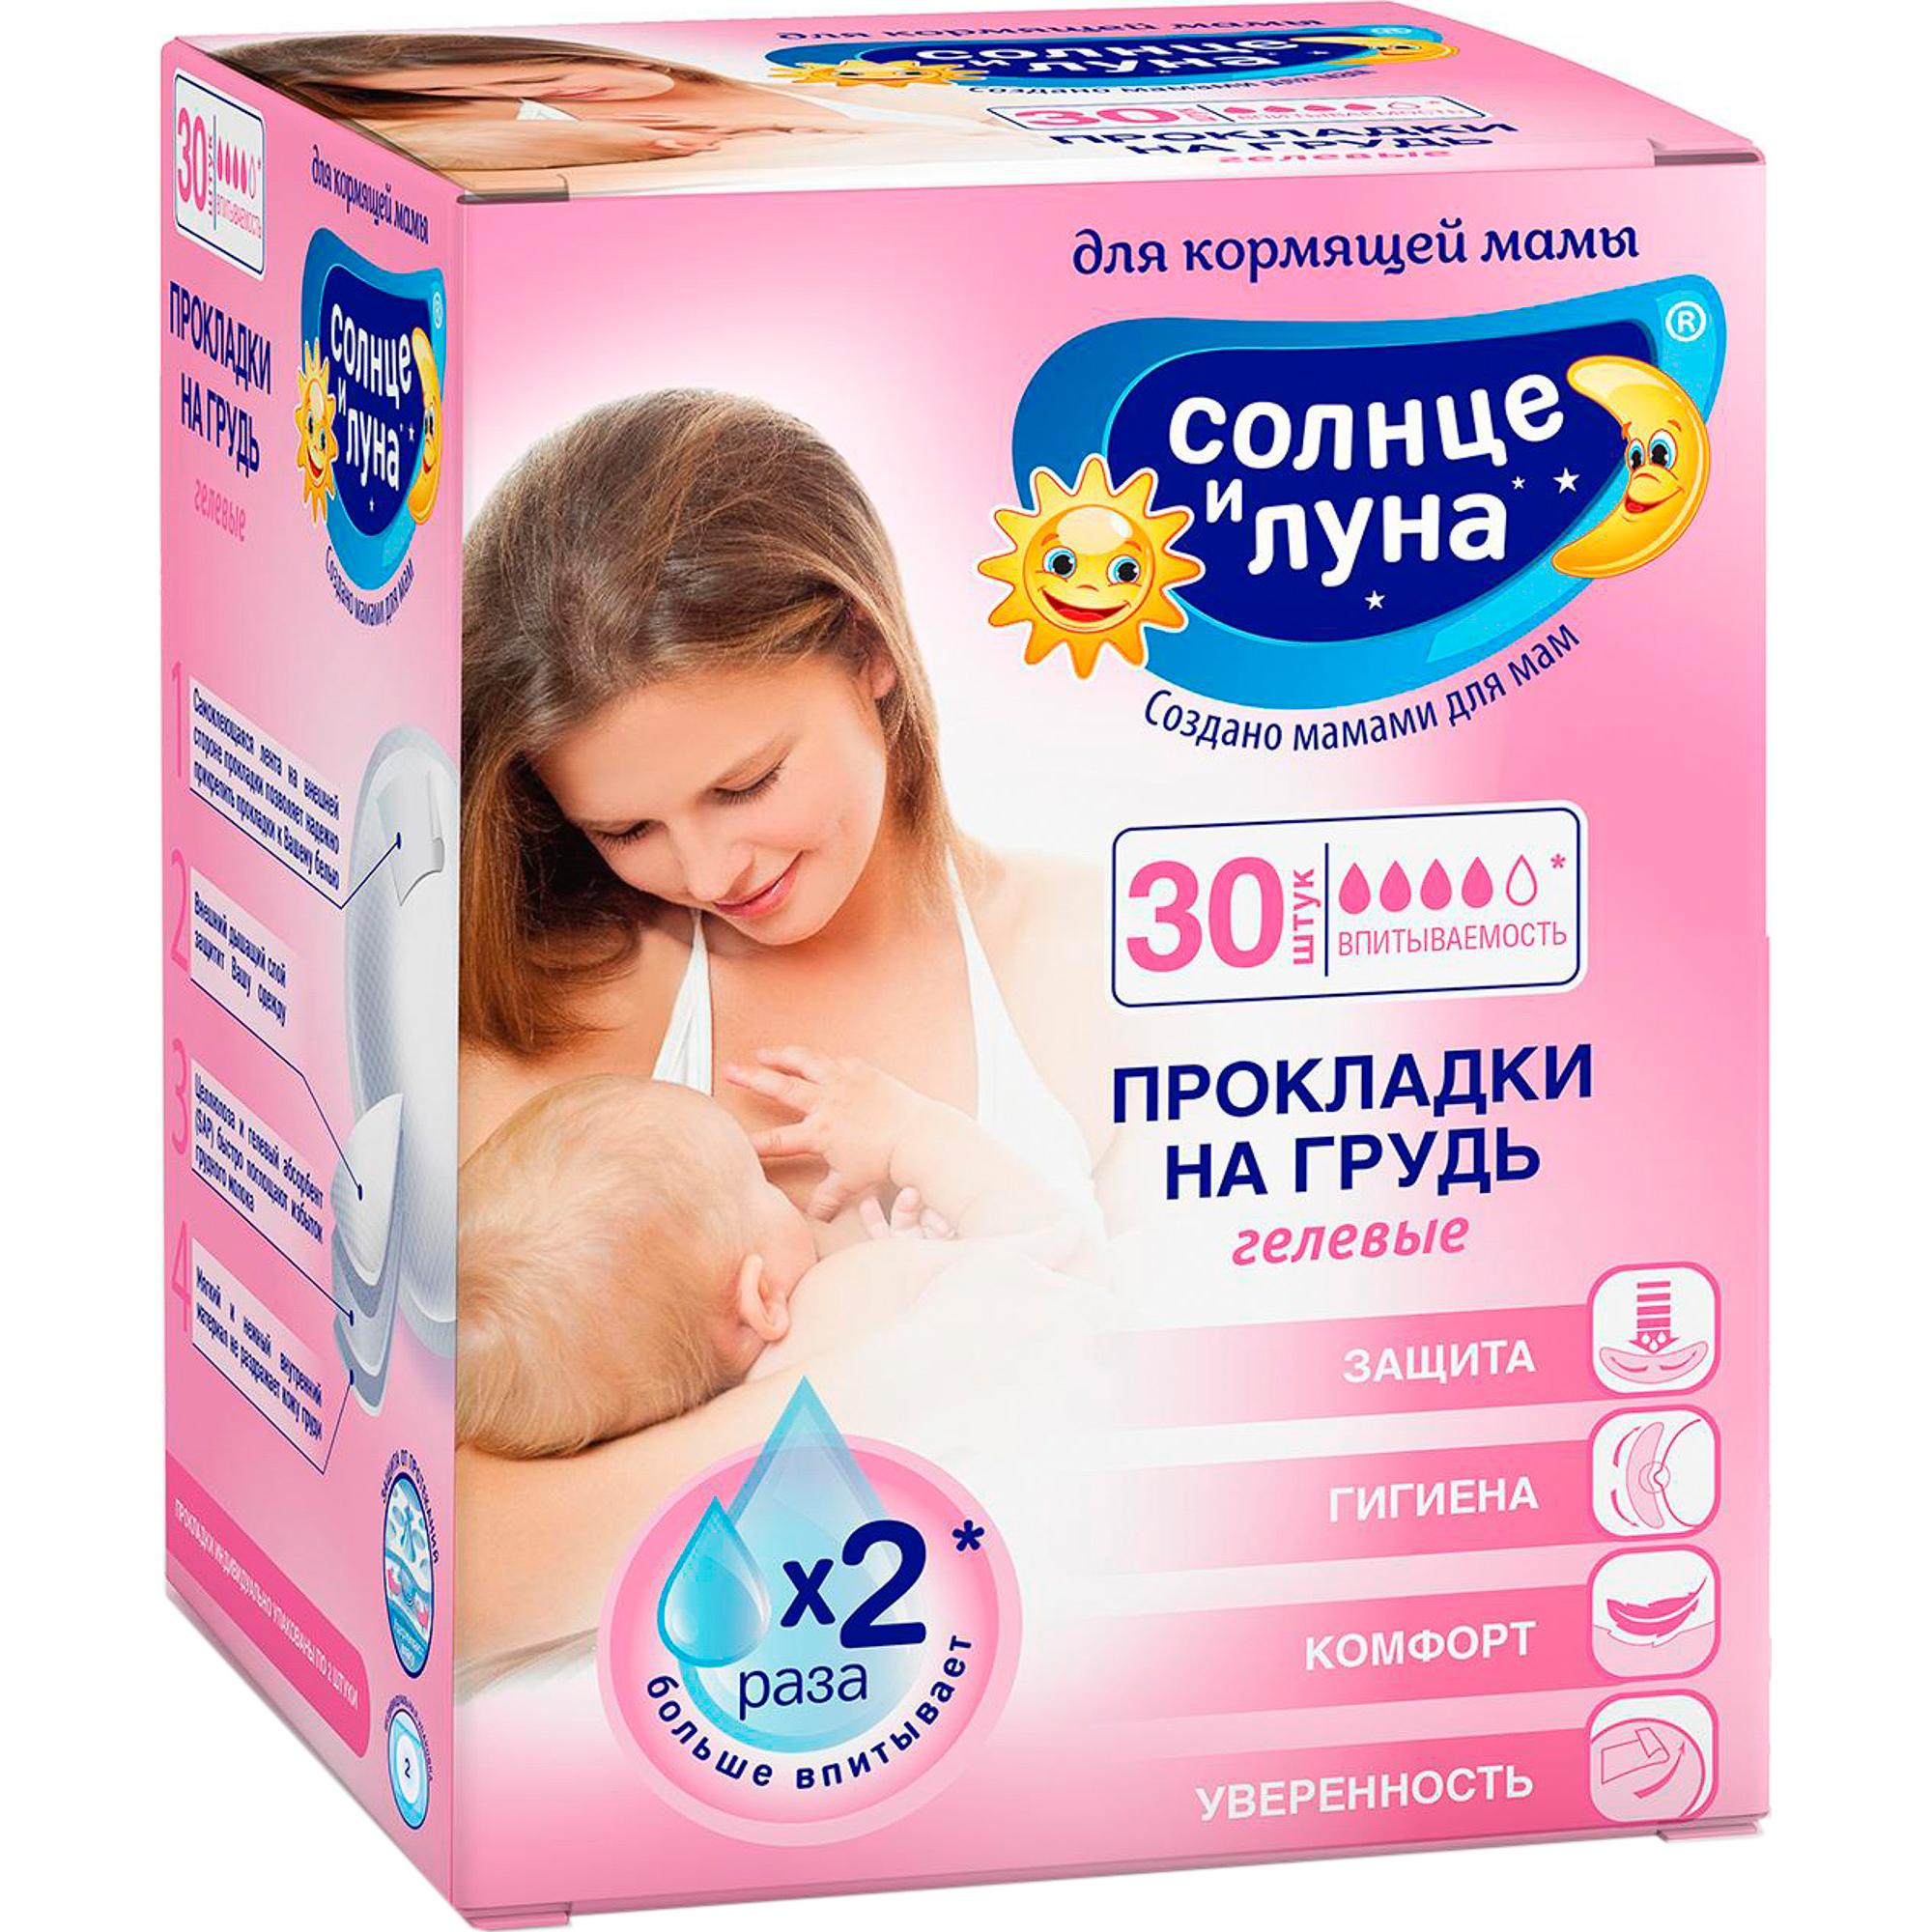 Прокладки для груди Солнце и луна Гелевые Для кормящих мам 30 шт